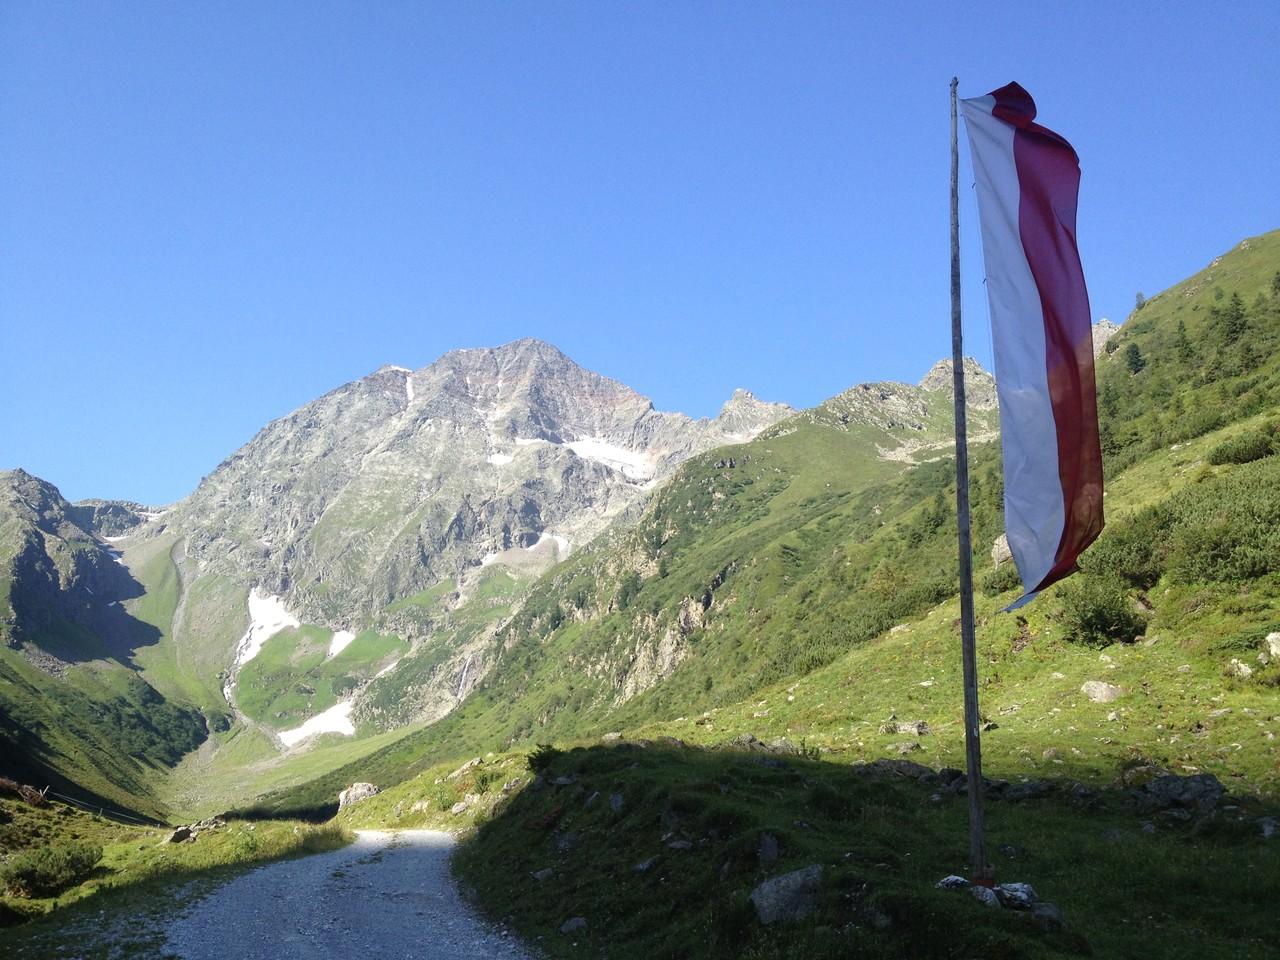 Höchster Berg, der Habicht, zu sehen von der Kaserstattalm, Neustift